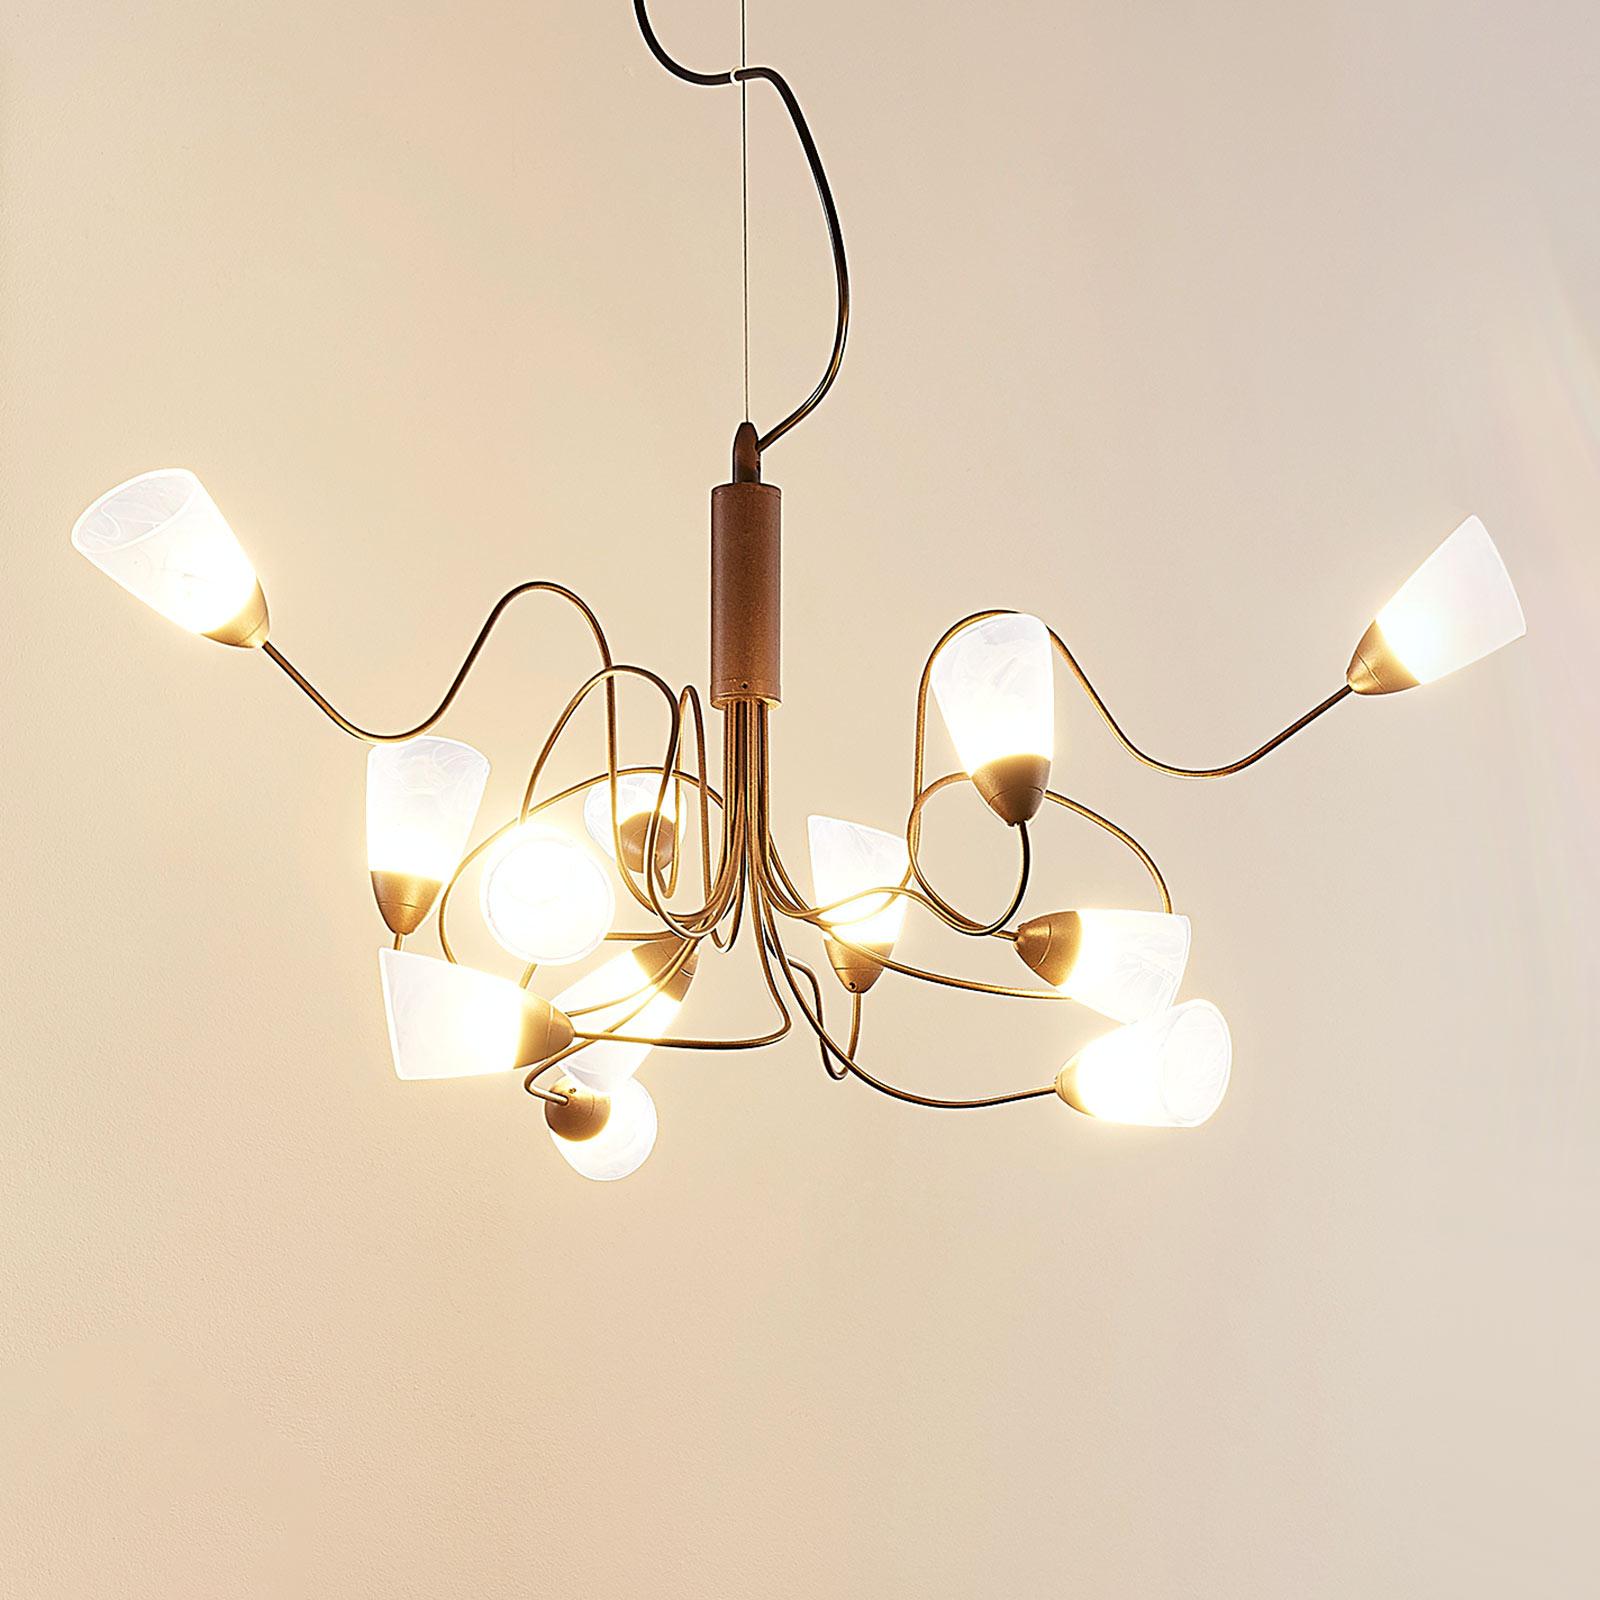 LED-Pendellampe Hannes, 12-flammig, rund